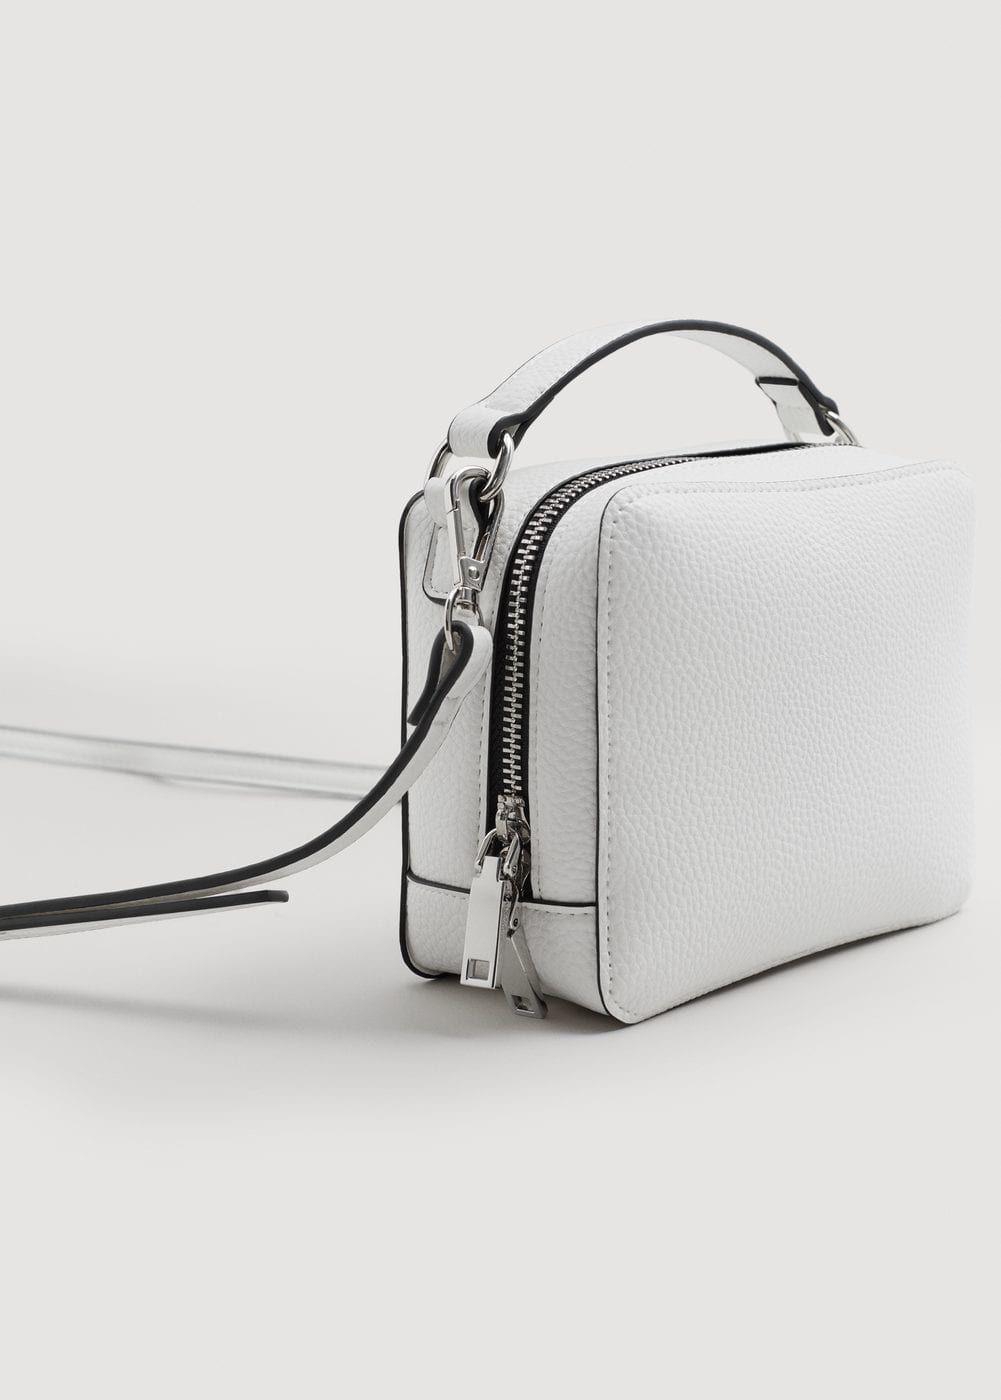 36d2a2ac3364d Mini çapraz çanta - Kadın i 2019 | Styling By Me, OOTD | Mango ...